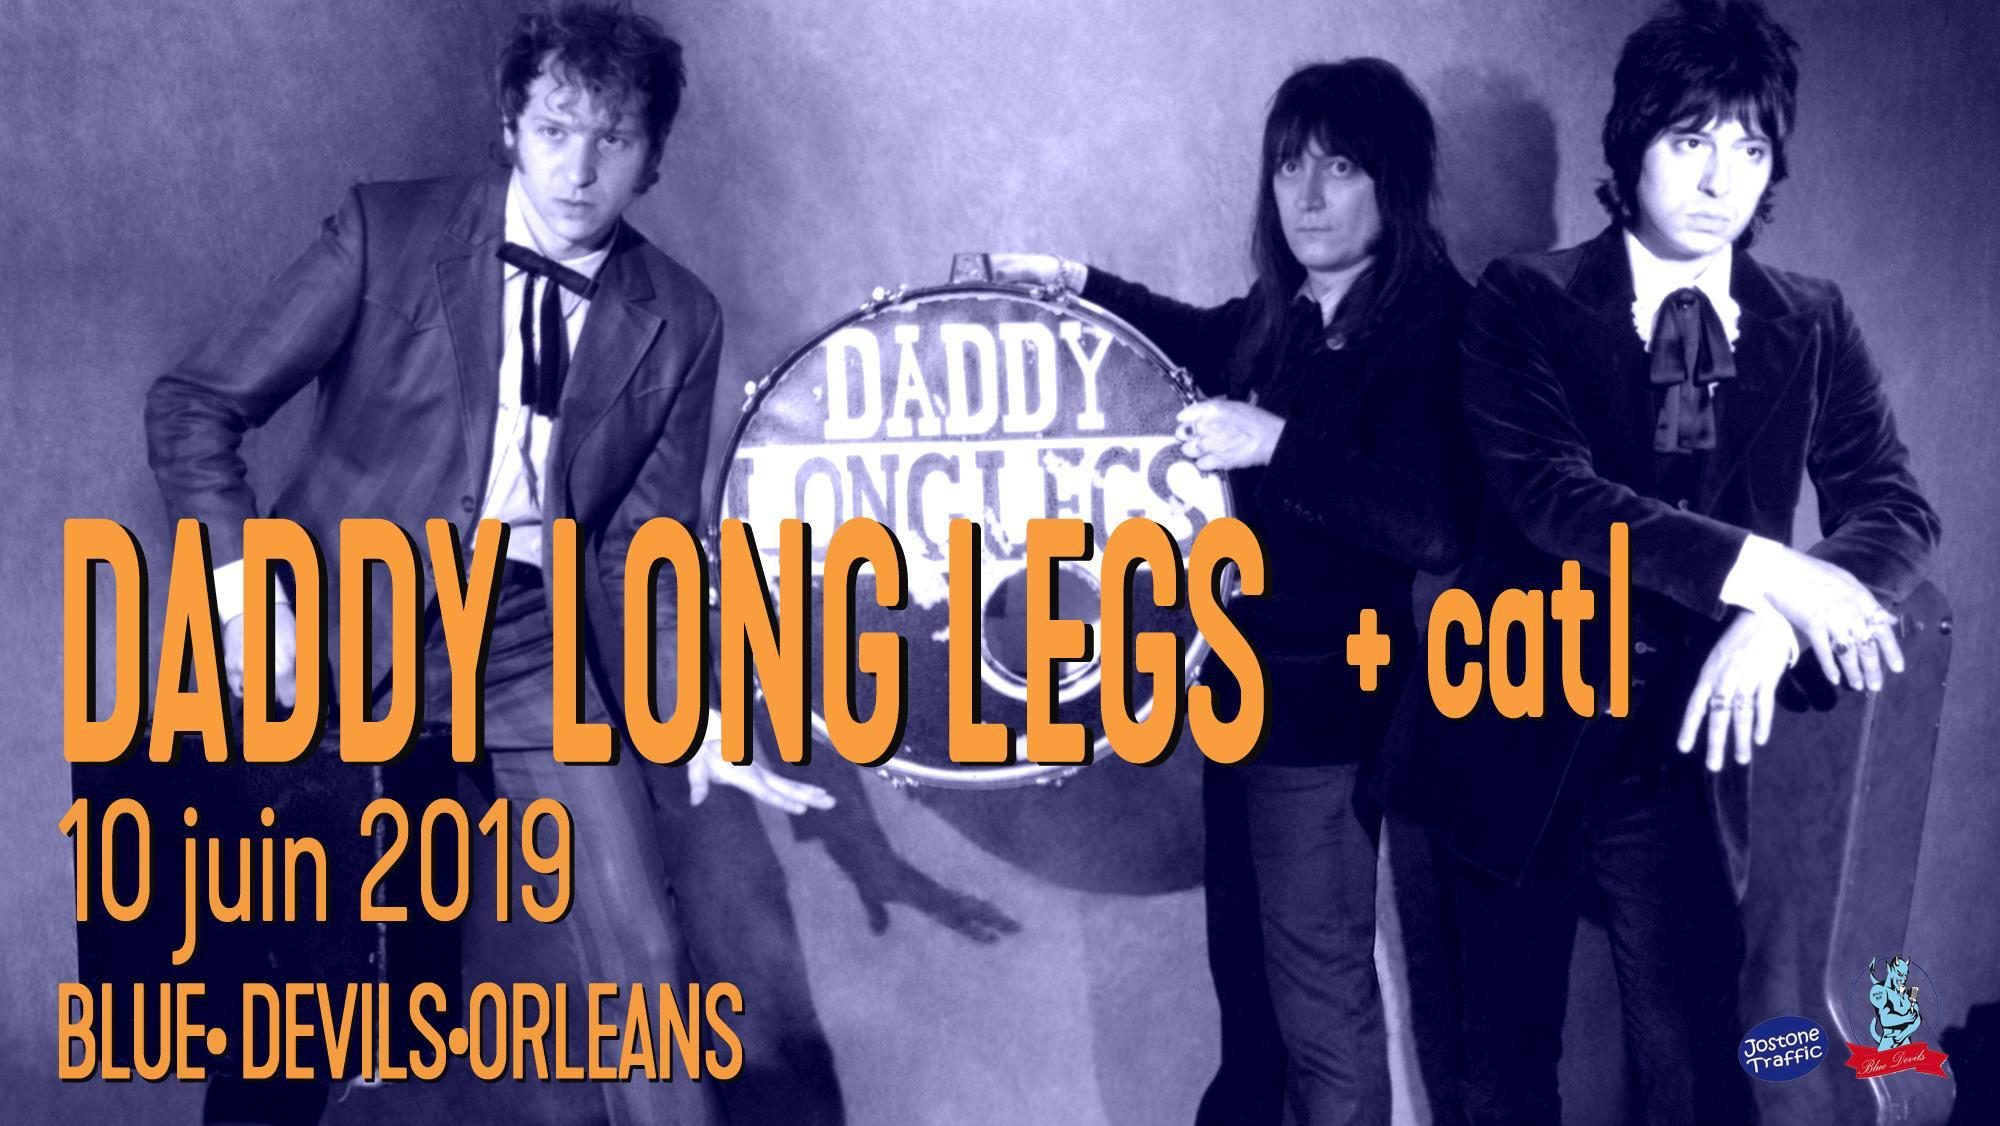 """6 juin 2019 Daddy Long Legs, Catl à Orléans """"Blue Devils"""""""